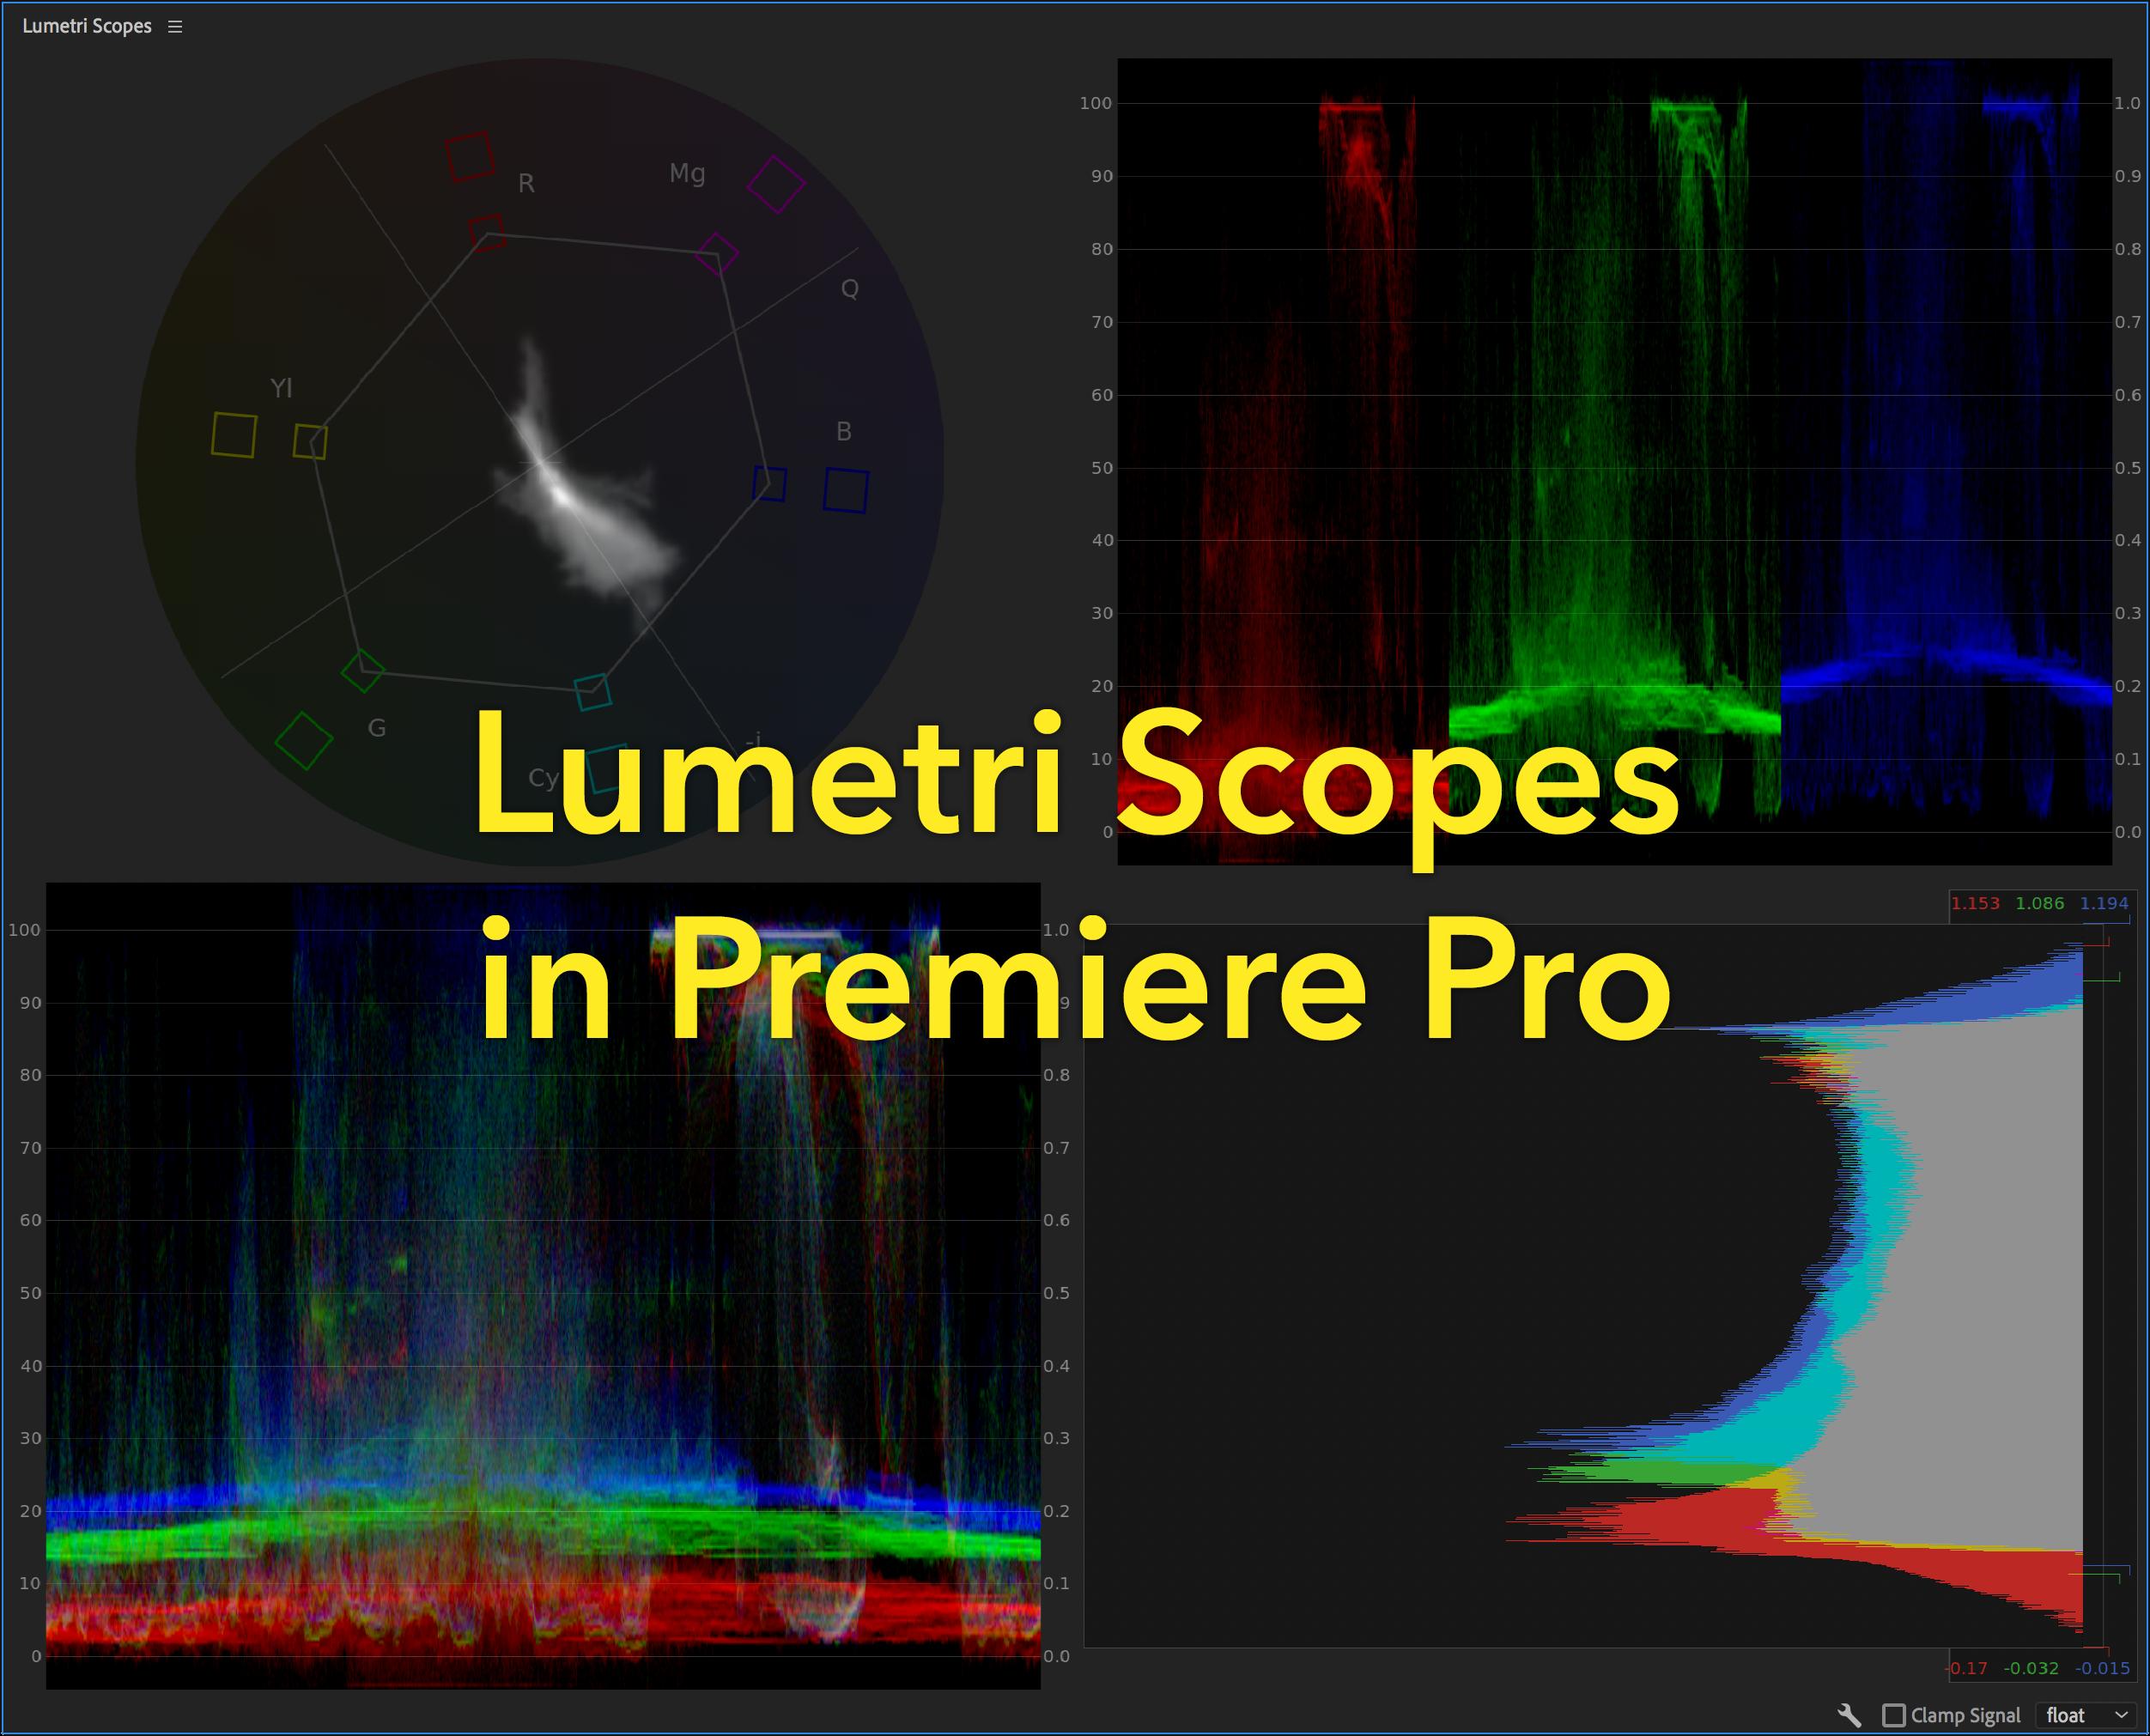 Lumetri Scopes in Premiere Pro